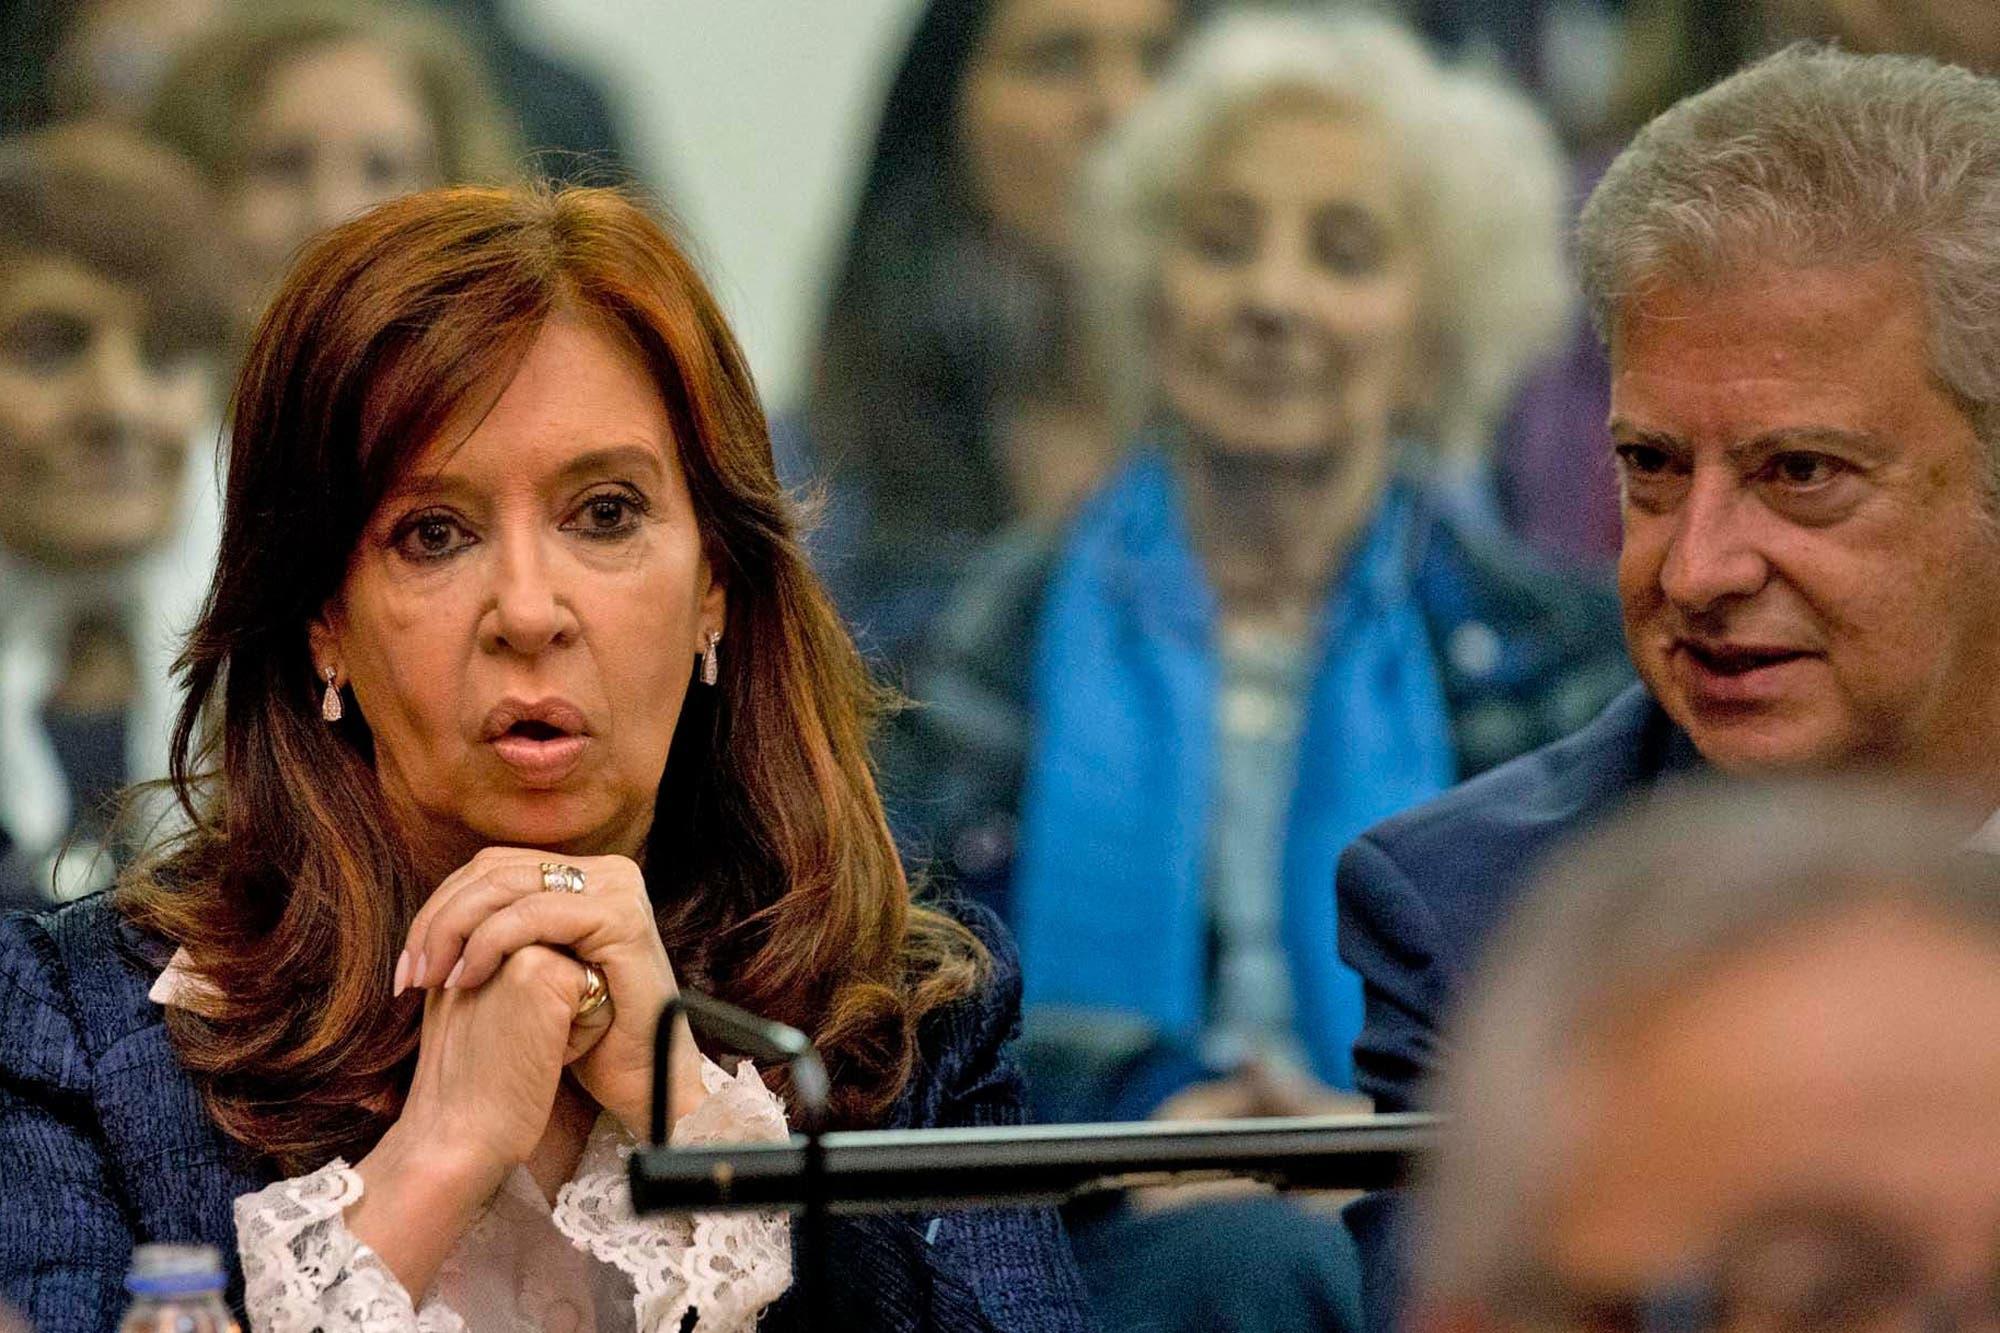 Vialidad: el 3 de agosto se reanuda por Zoom el juicio a Cristina Kirchner y Lázaro Báez